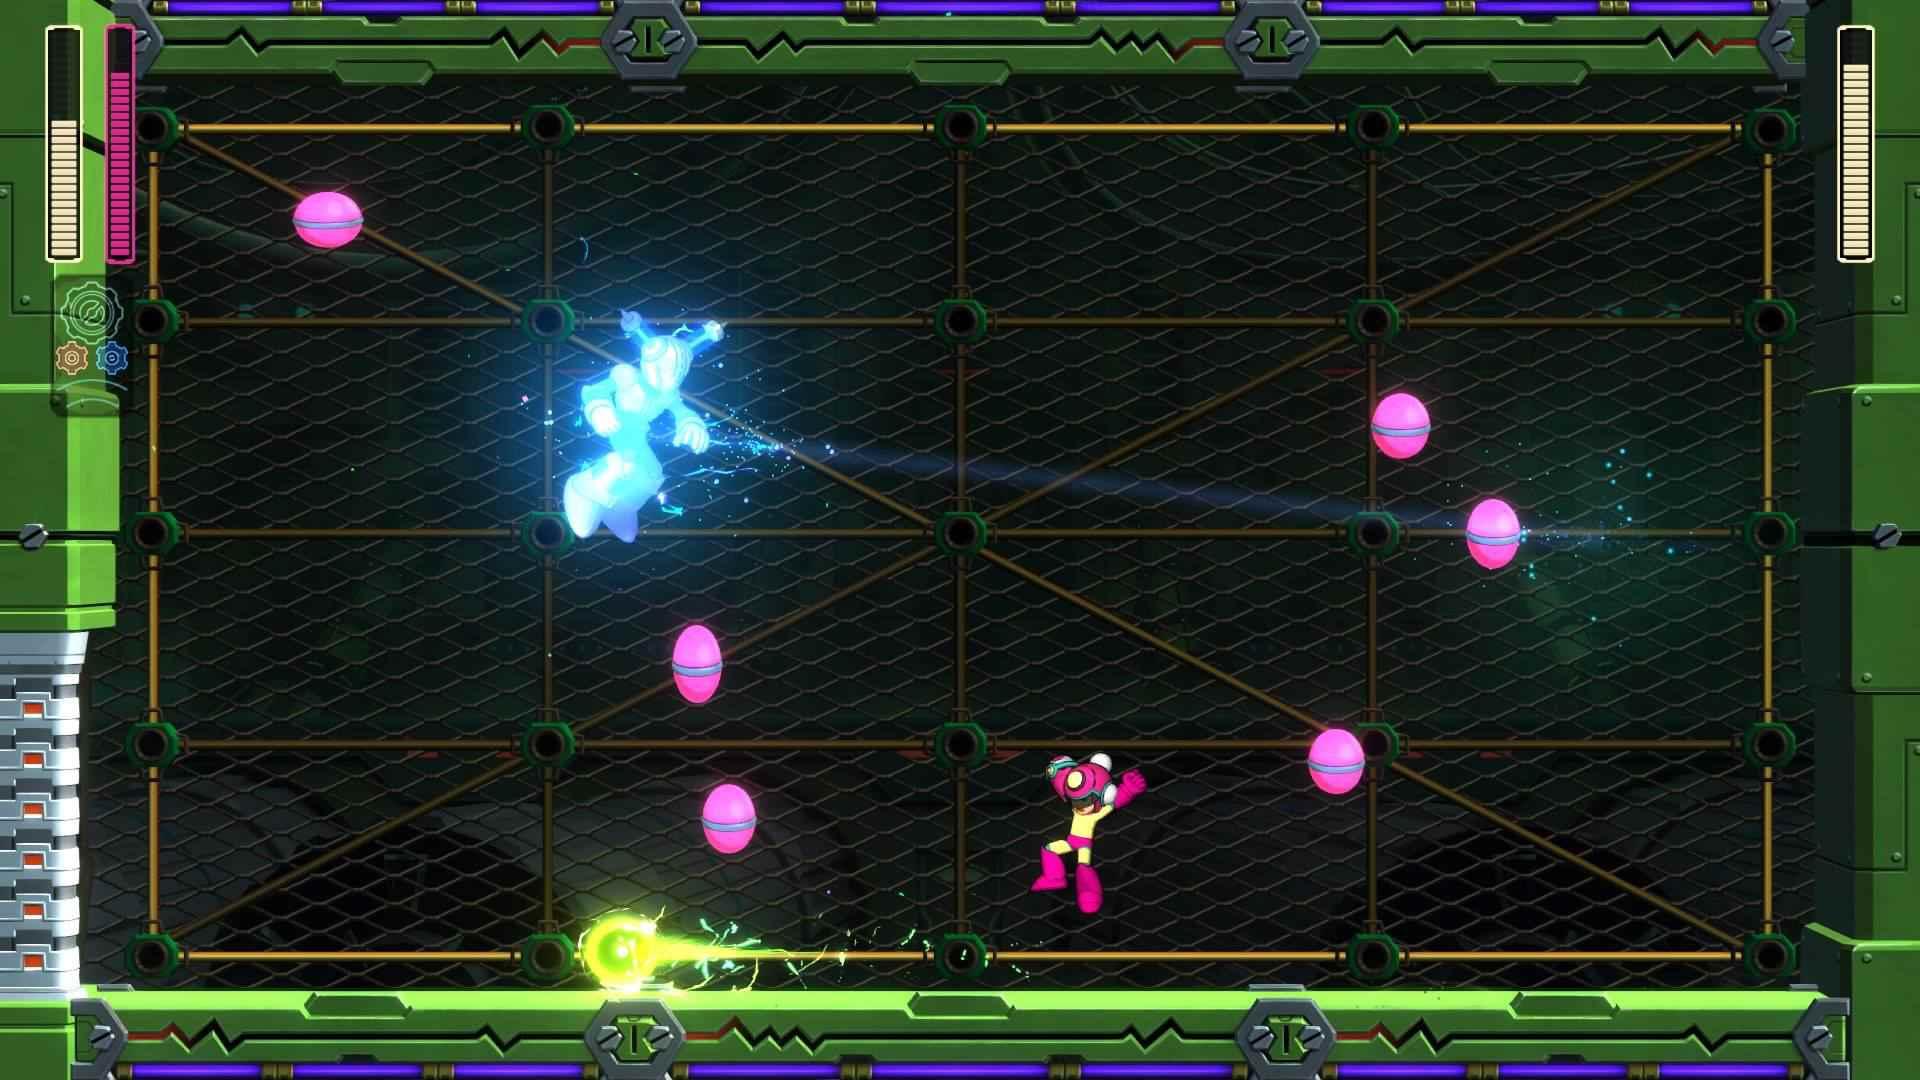 Mega Man attacks Fuse Man in Mega Man 11